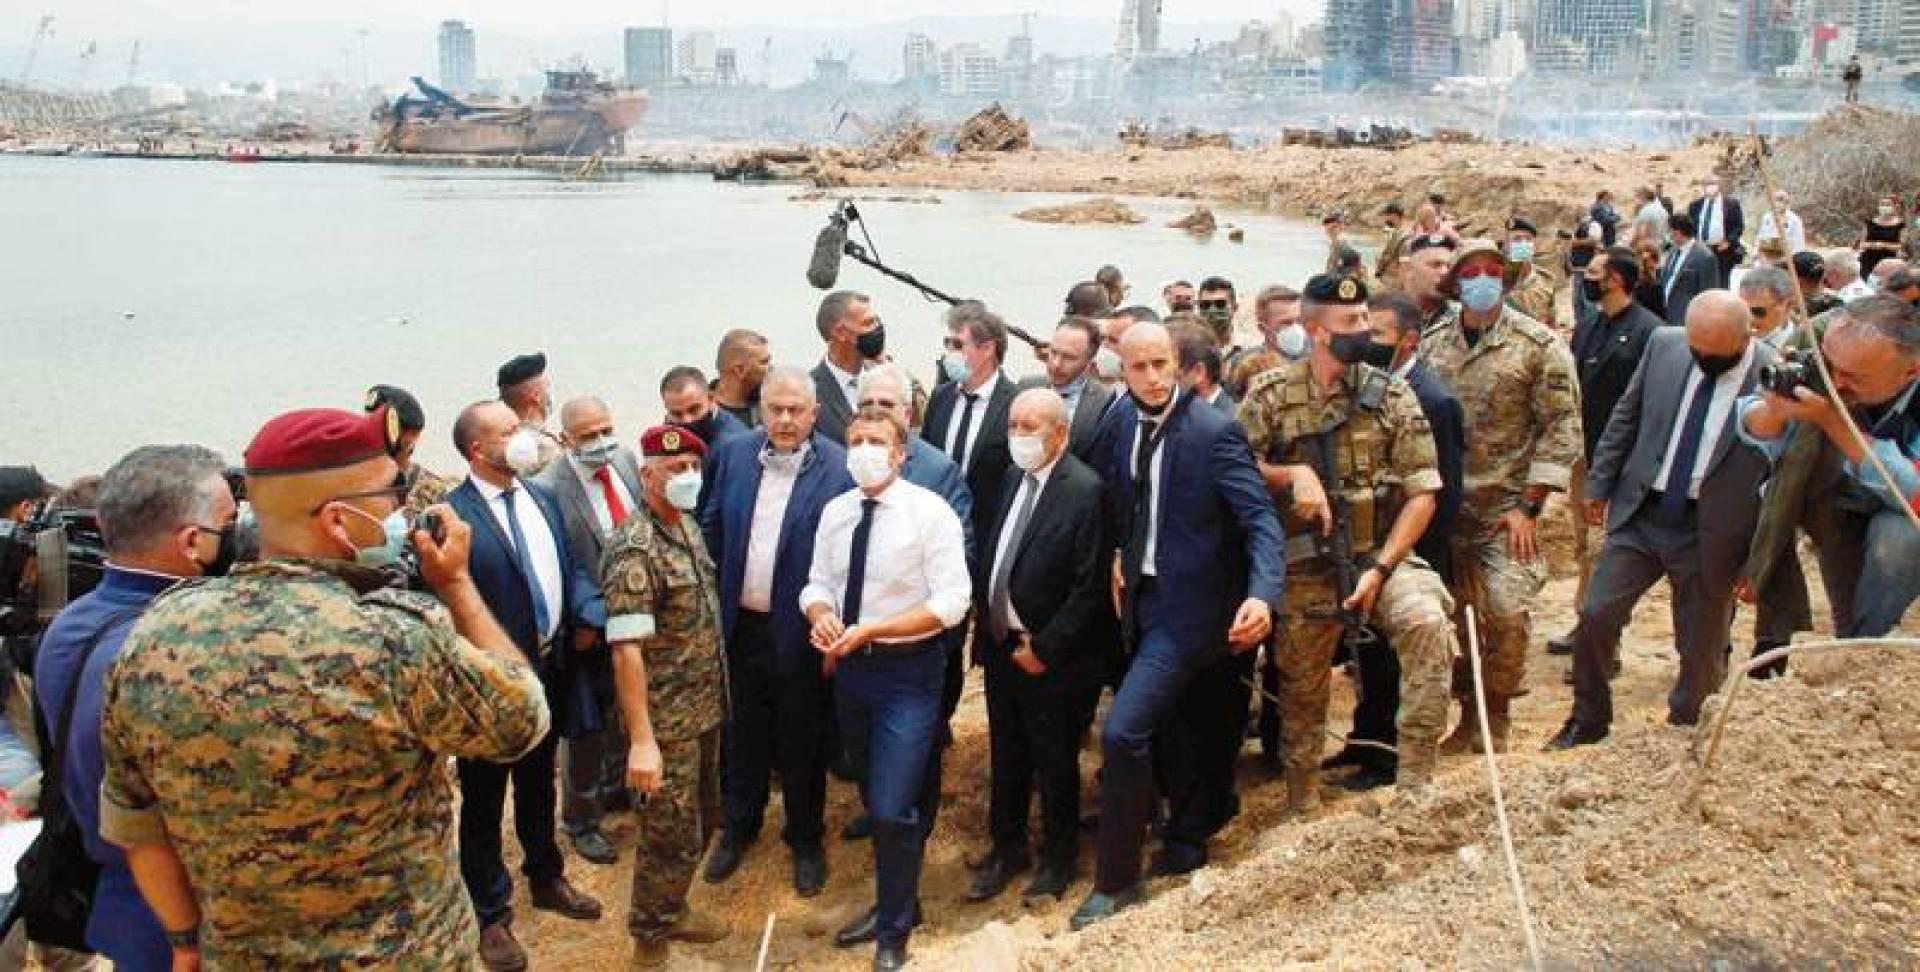 ماكرون خلال زيارته مرفأ بيروت المدمر أمس